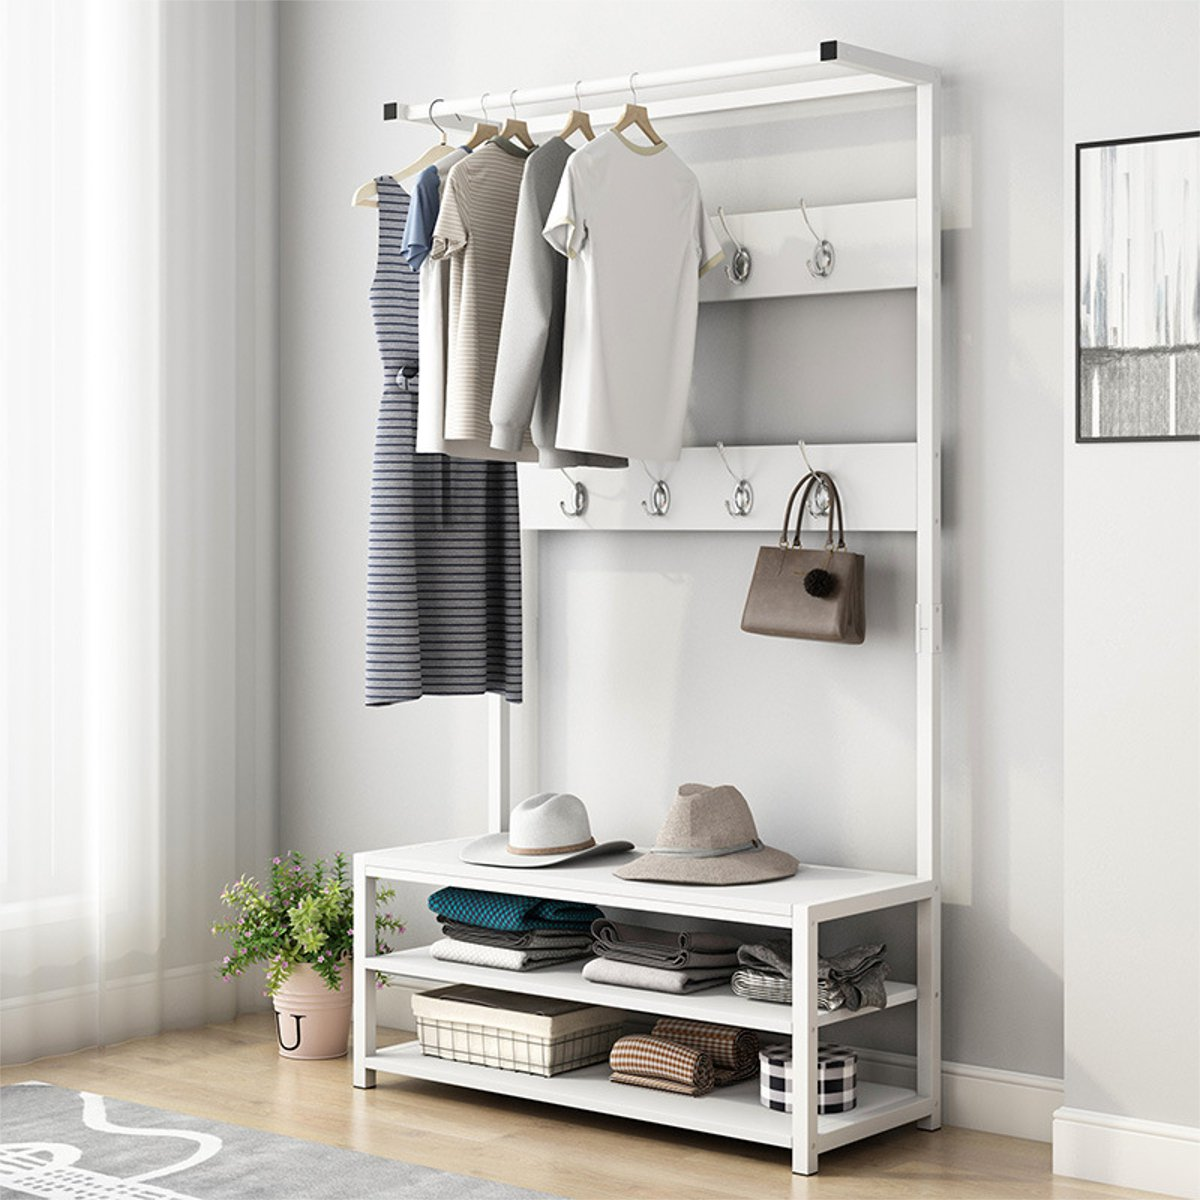 Multifunction Coat Rack Shelf Stand 170cm Clothes Shoes Bench Hanger Hooks Storage Holder Living Room Furniture 60/80cm